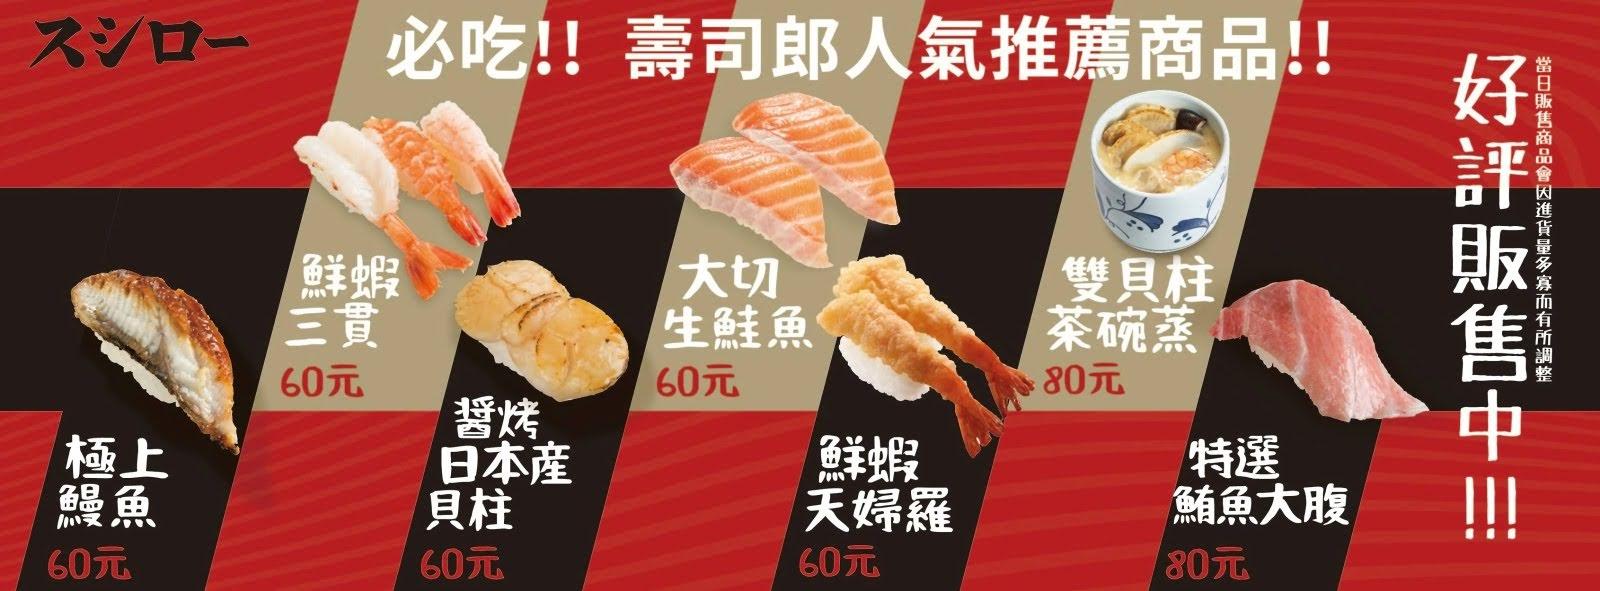 台南壽司郎確認一次開兩家!台南安平店、南紡店9月底正式開幕